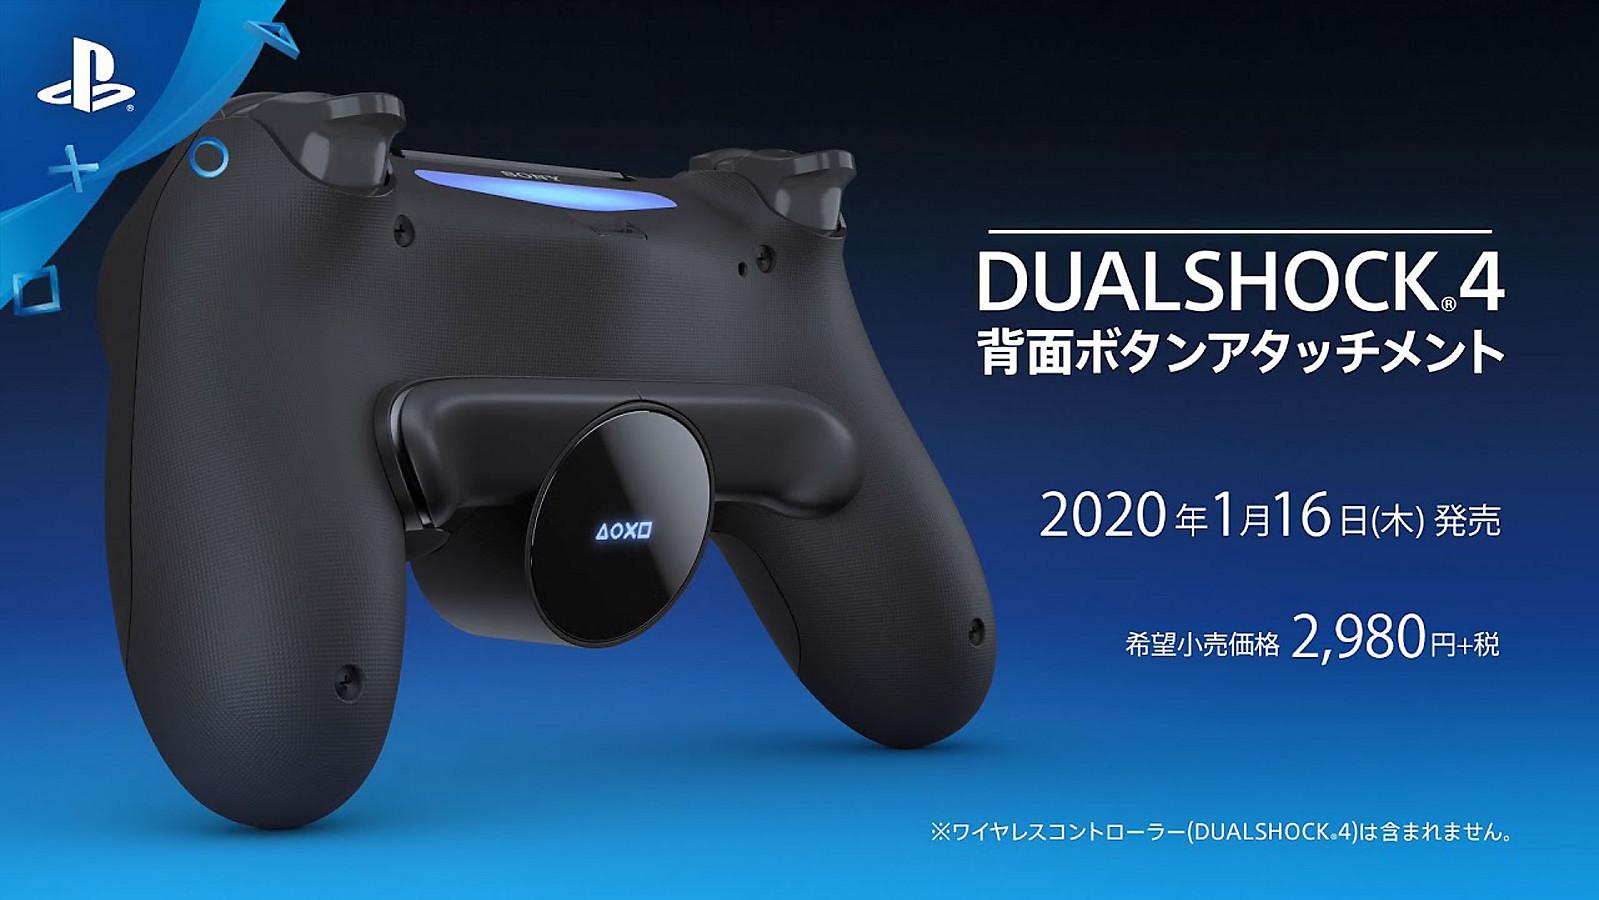 PS4背面ボタンアタッチメント